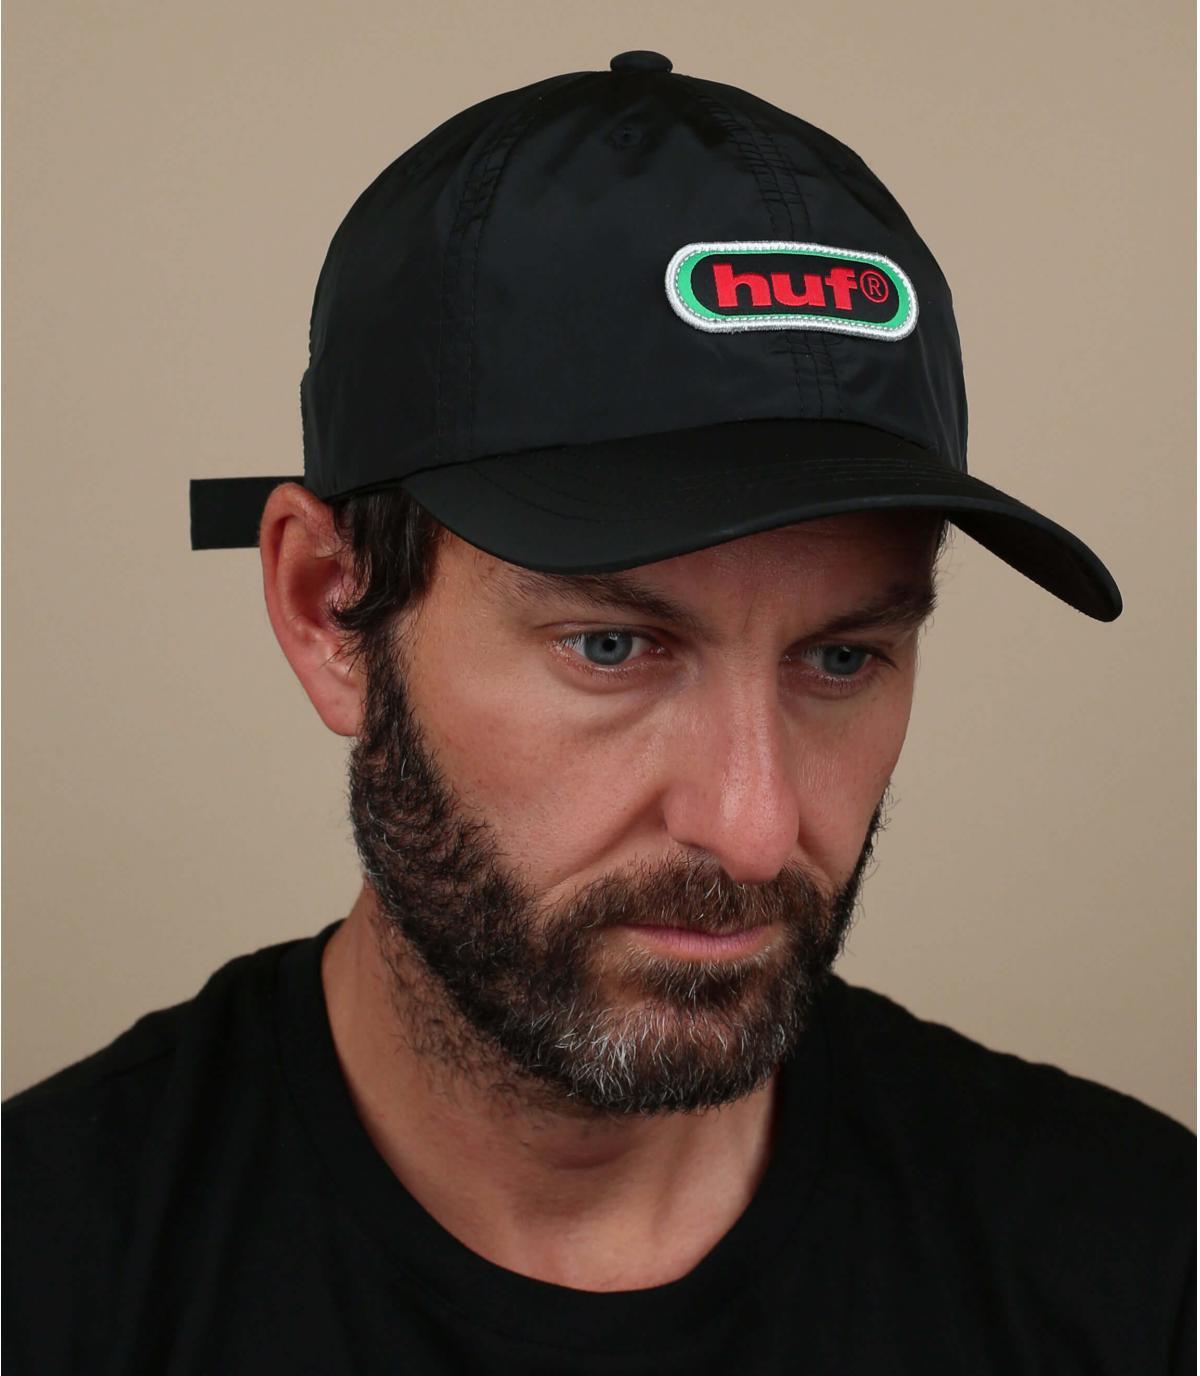 Cappellino Huf nero retrò